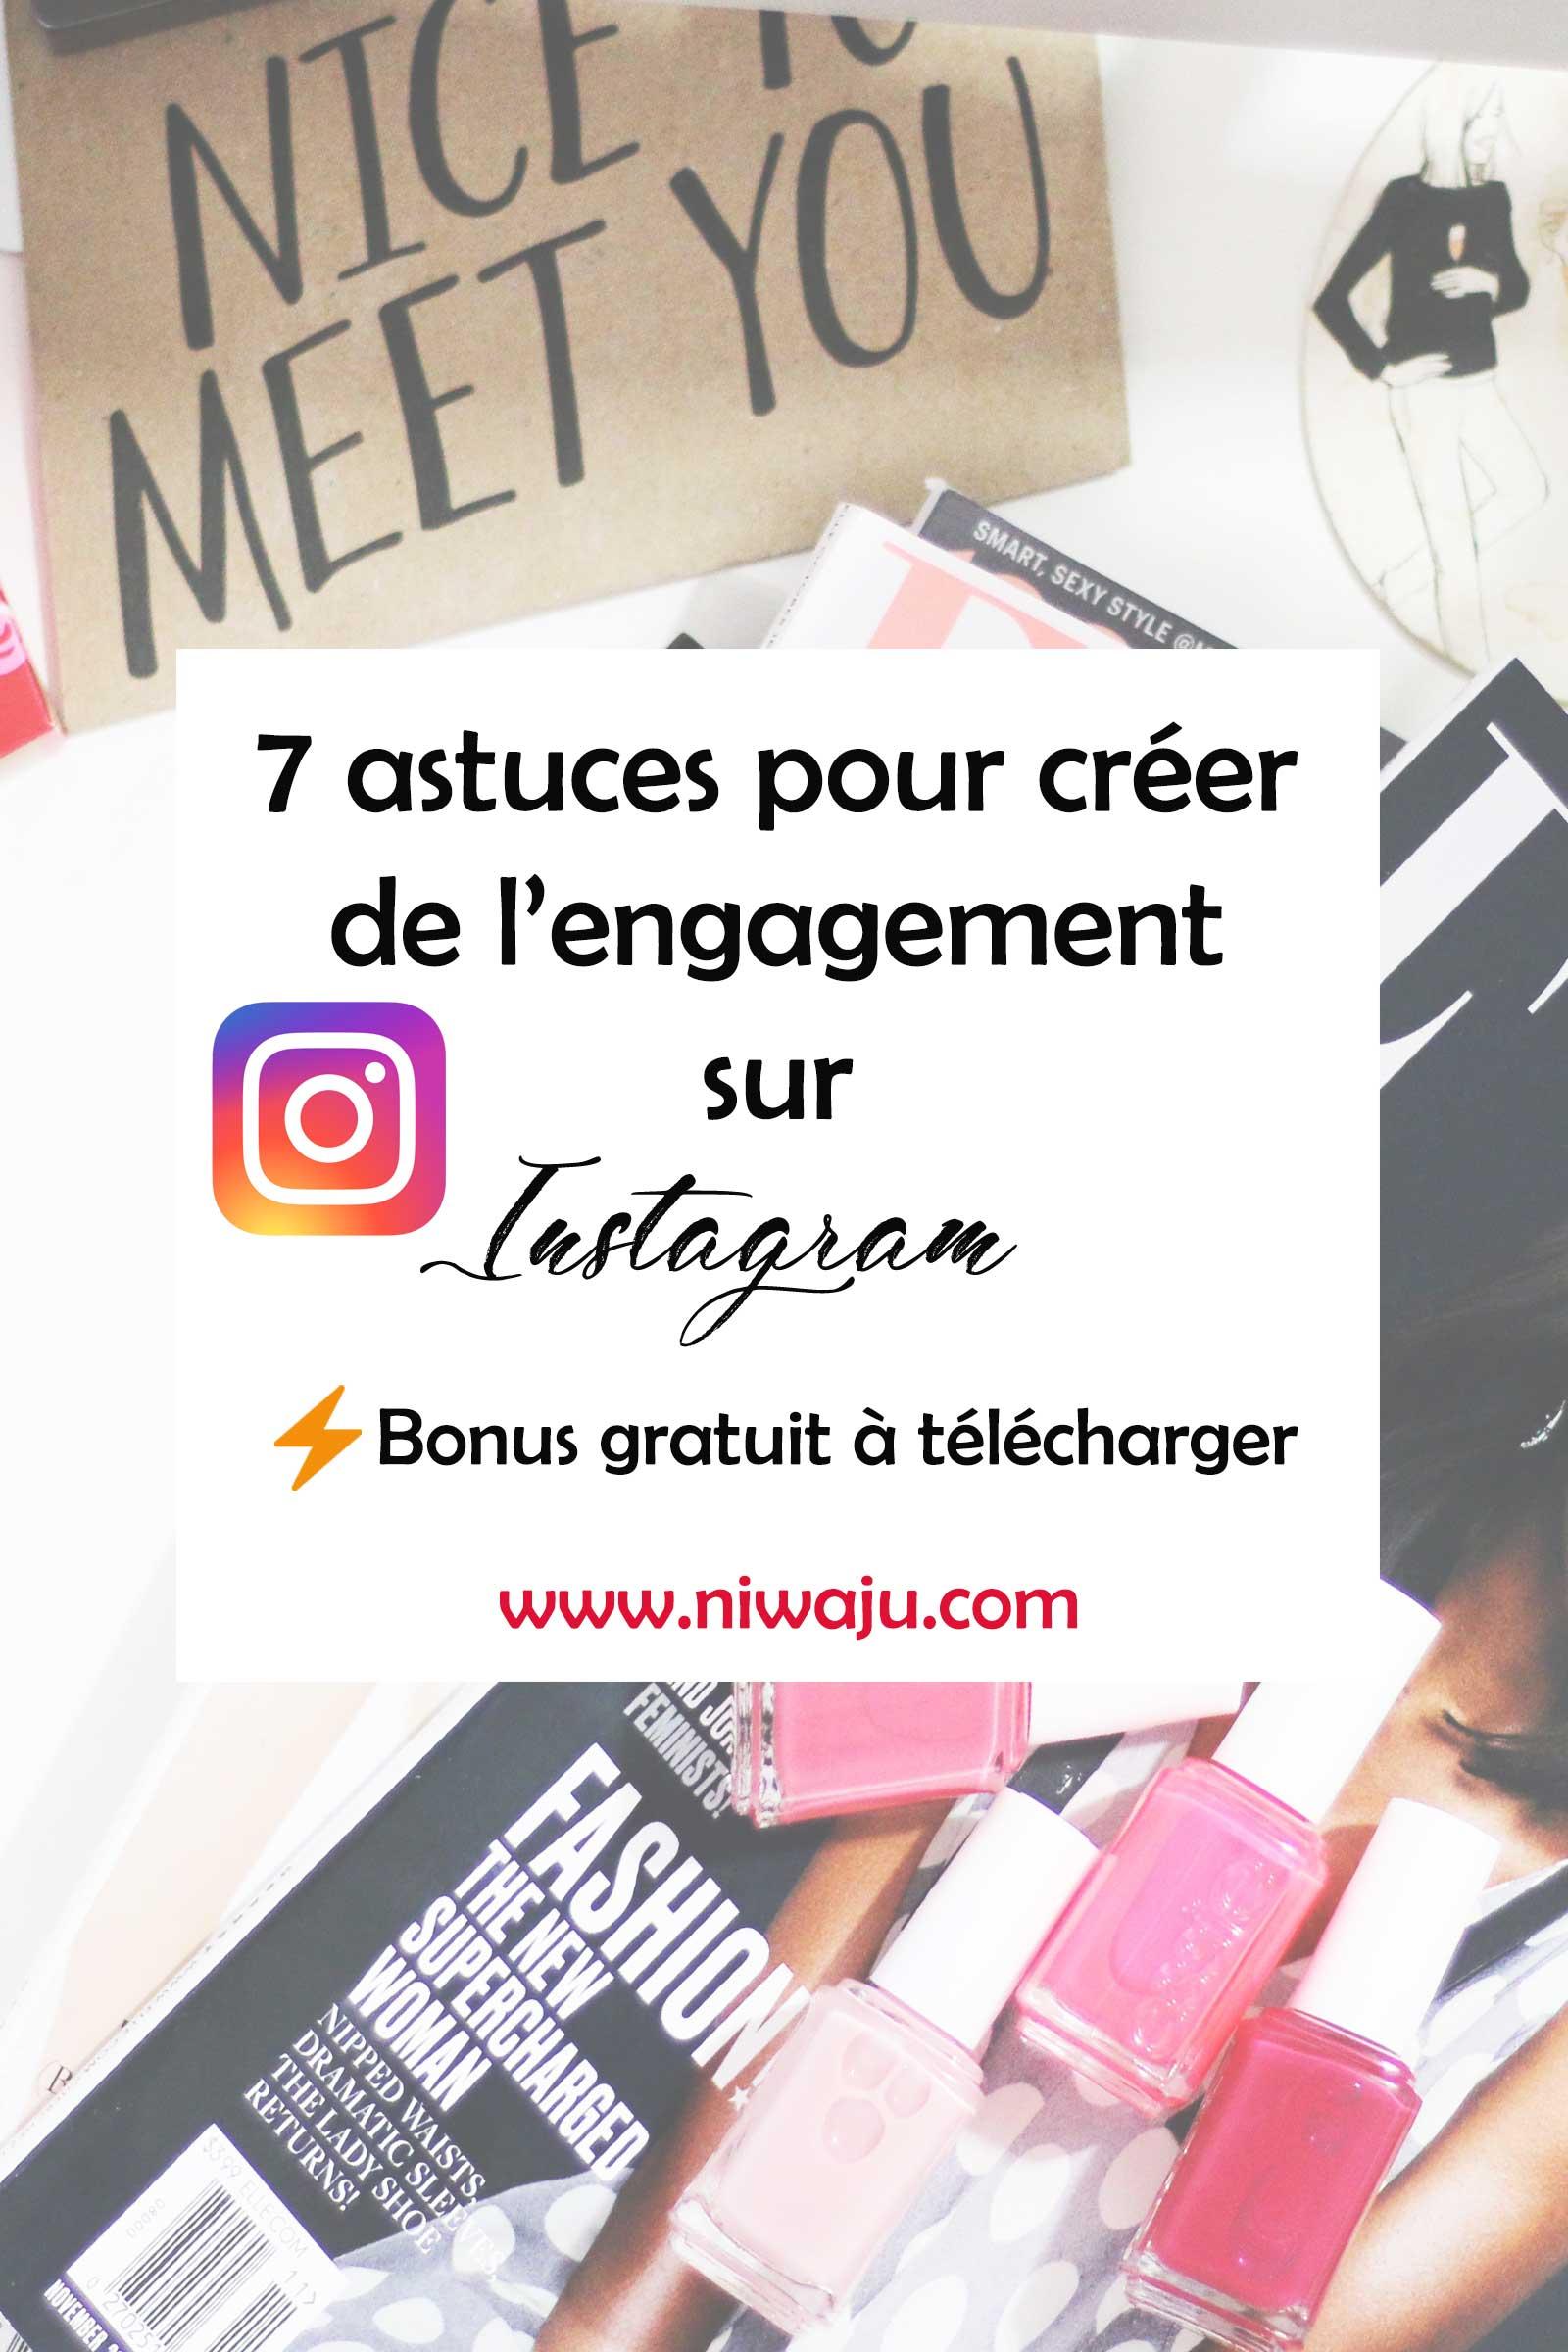 7 astuces pour créer de l'engagement sur Instagram